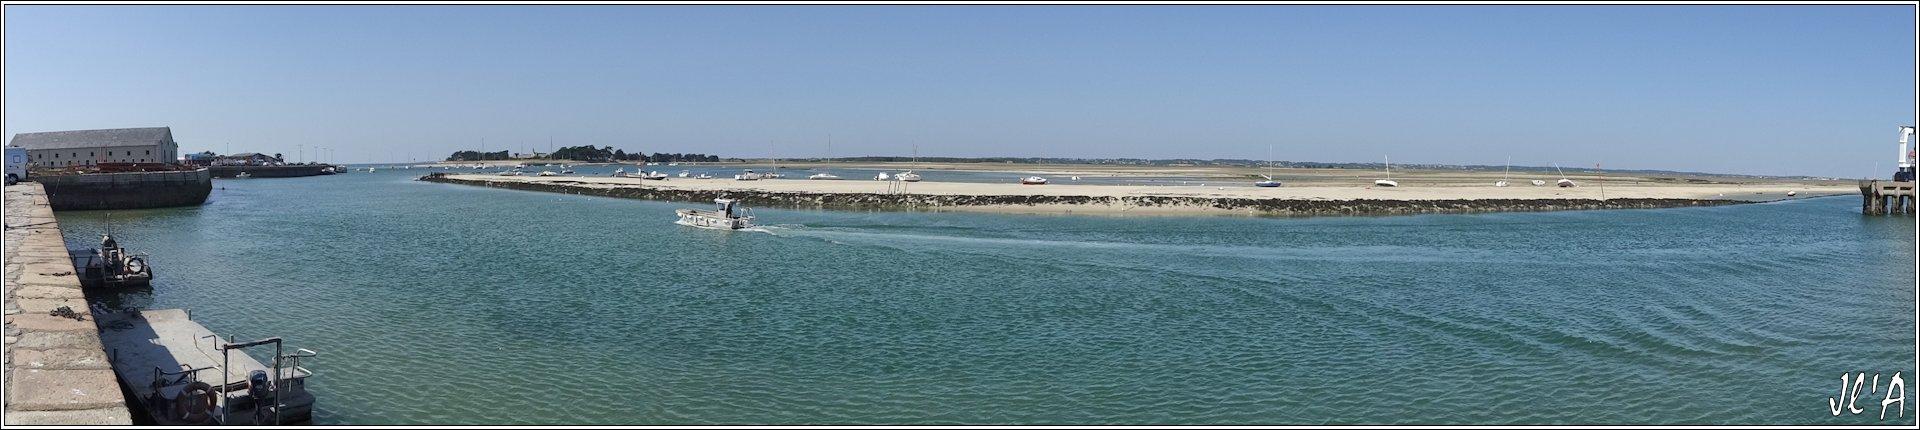 [Activité hors Marine des ports] LE CROISIC Port, Traict, Côte Sauvage... - Page 5 Q22-13%20panorama%20Ancienne%20cri%C3%A9e%20traict%20mar%C3%A9e%20basse%20chantier%20naval%20S20V03940